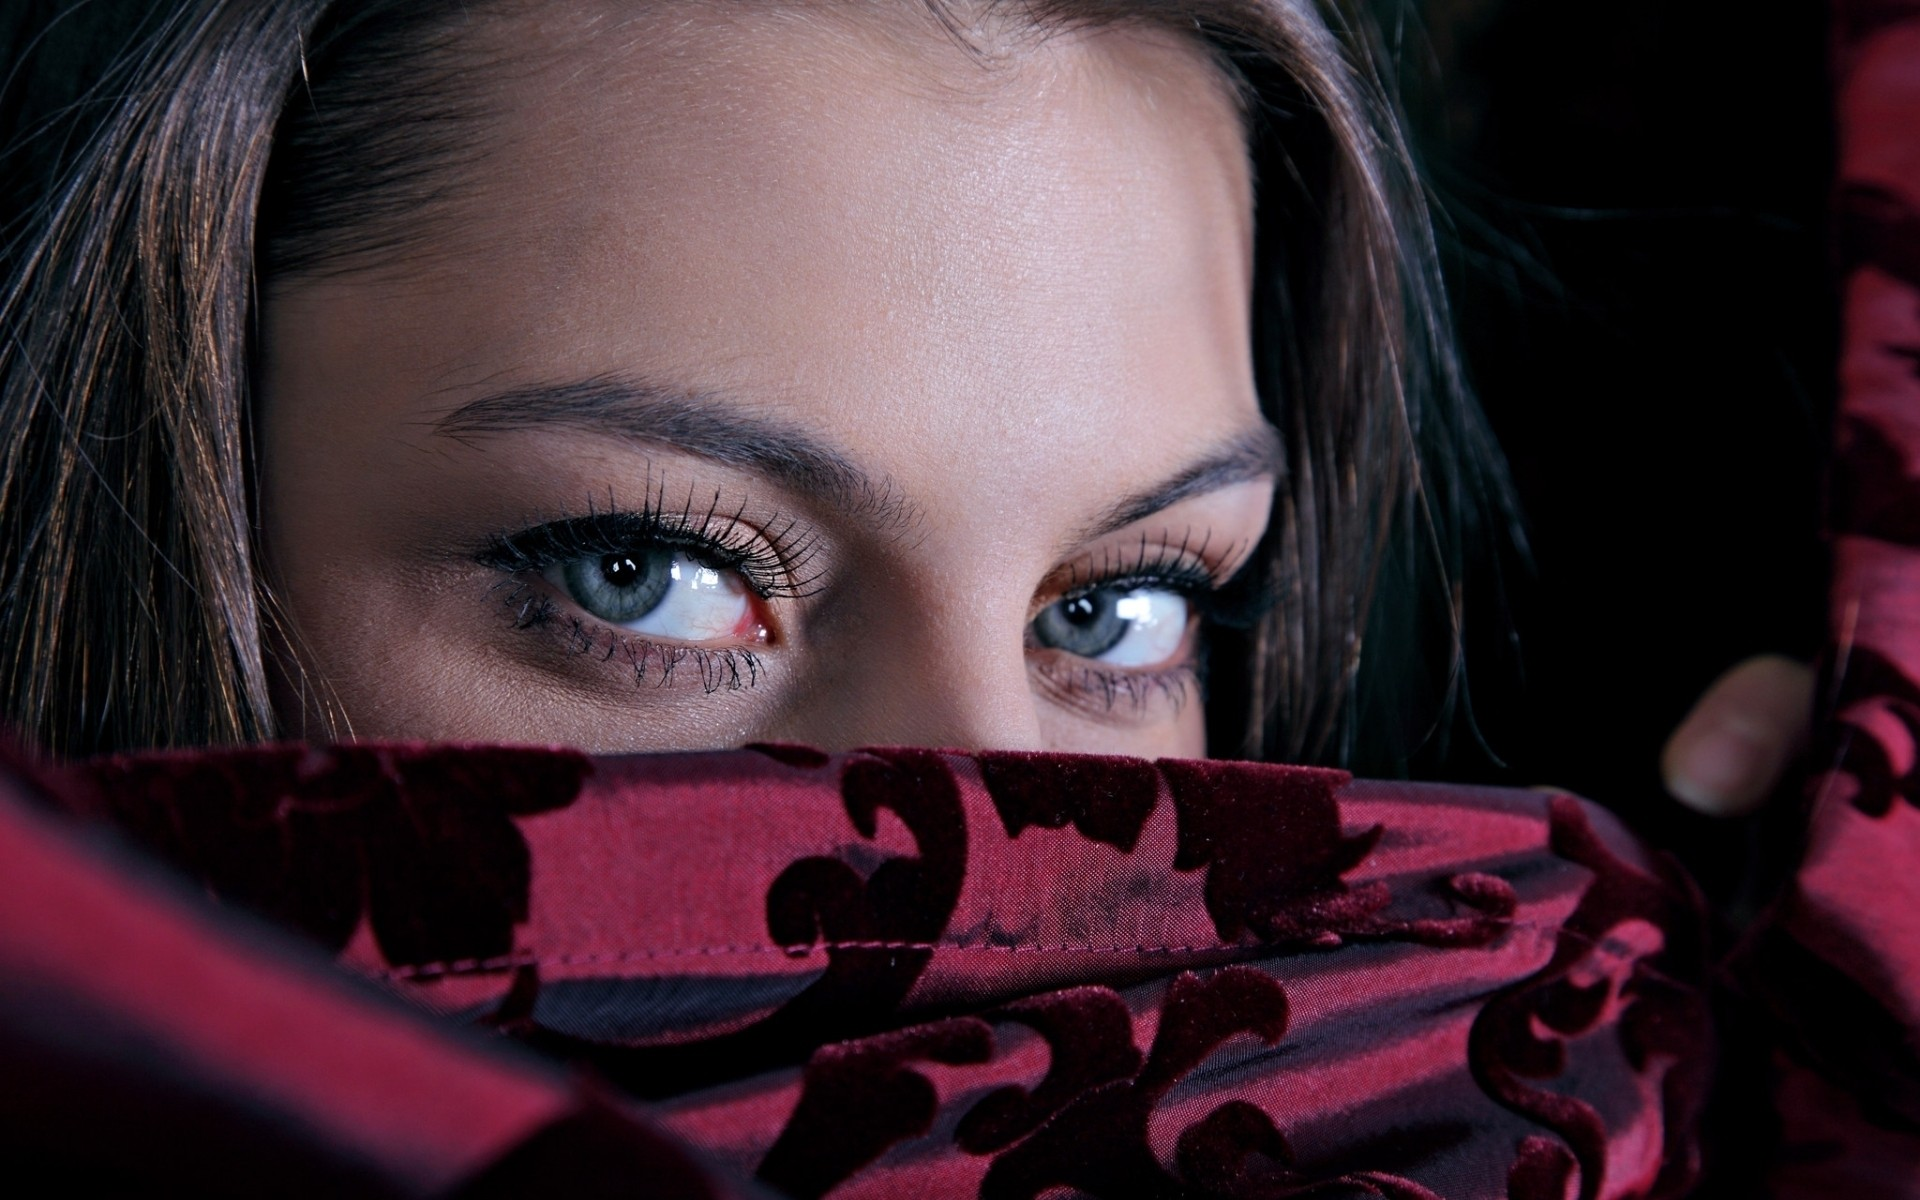 девушка в красной парандже  № 3594112 бесплатно